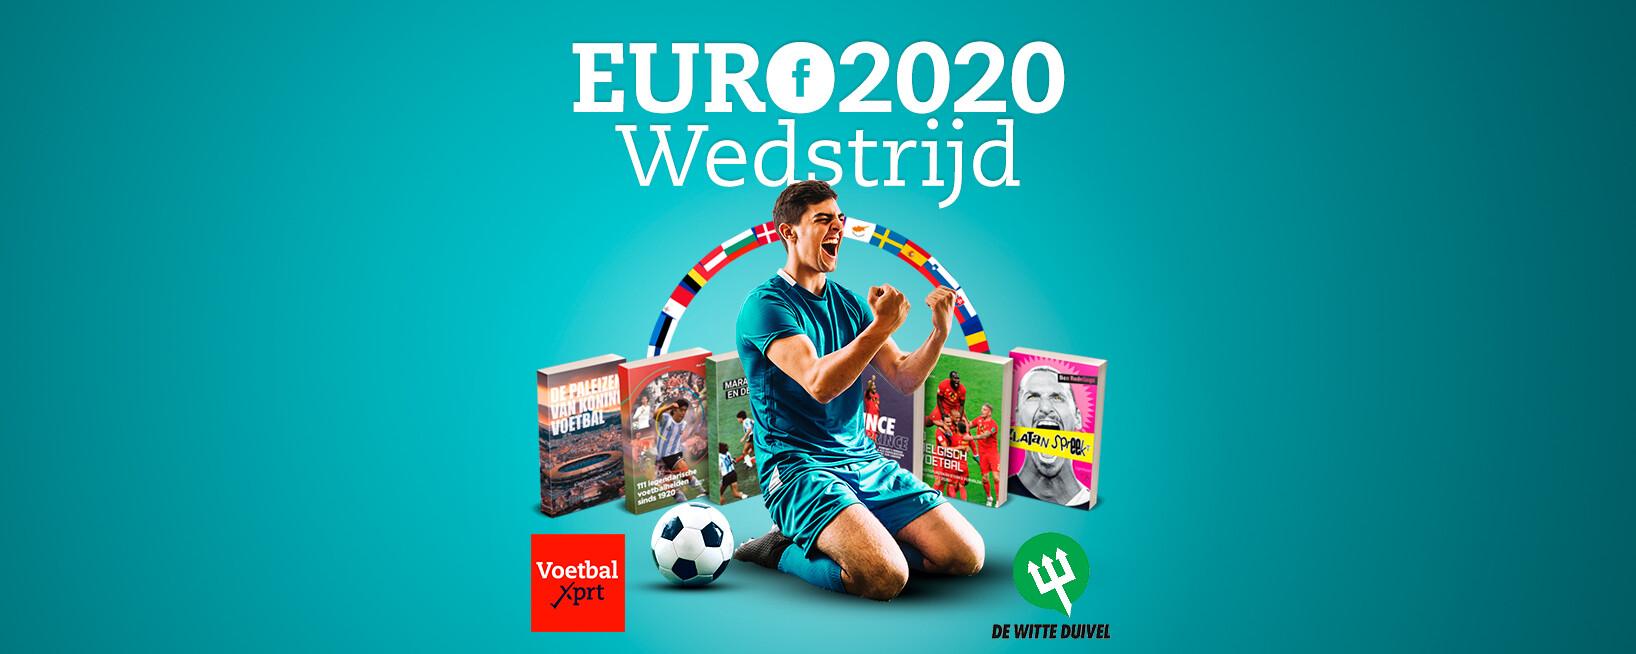 WIN 6 voetbalboeken met onze EURO 2020 wedstrijd